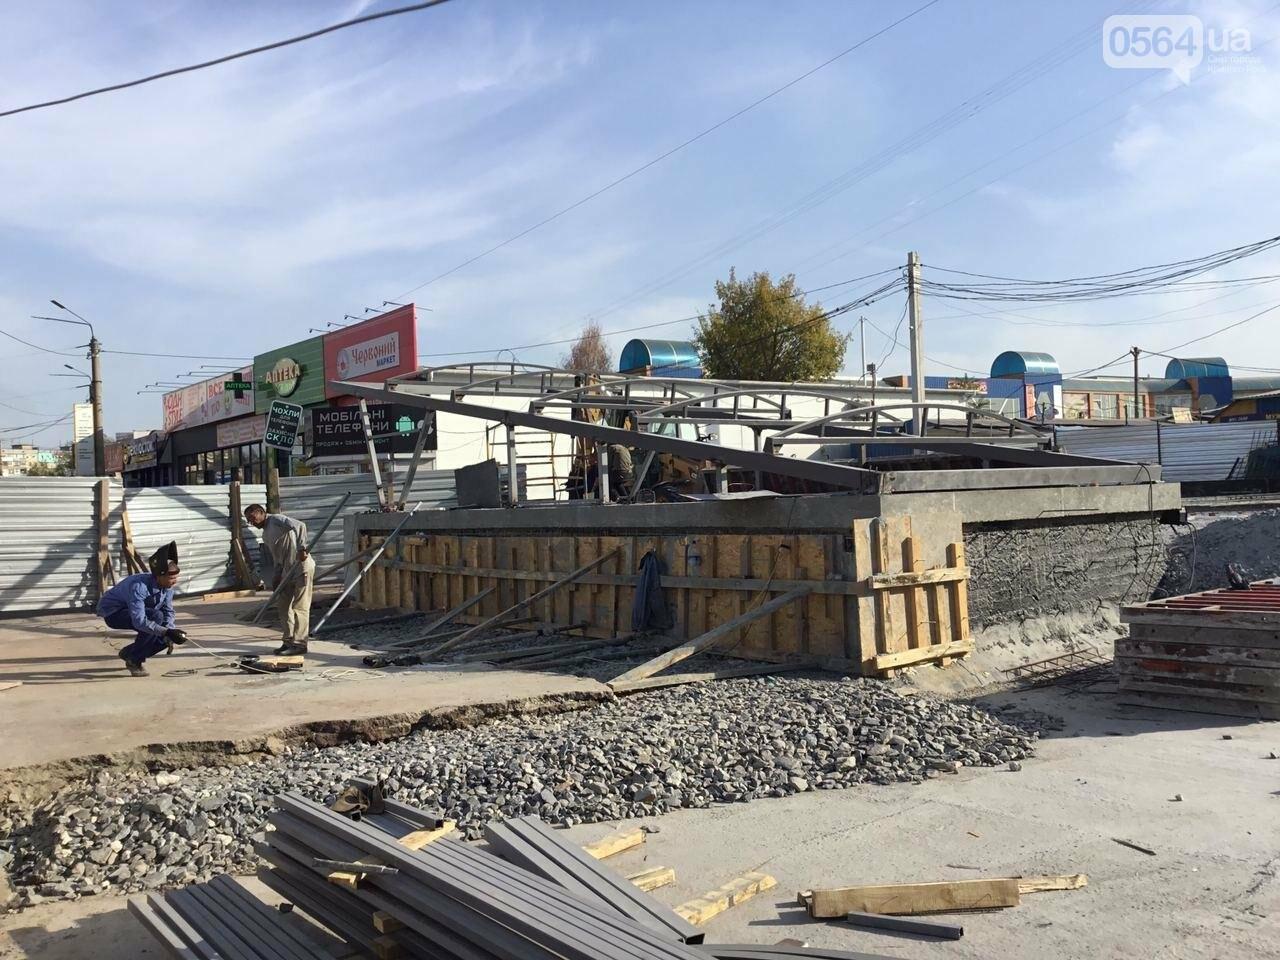 Как проходит реконструкция пешеходного перехода на улице Лермонтова в Кривом Роге, - ФОТО, фото-9